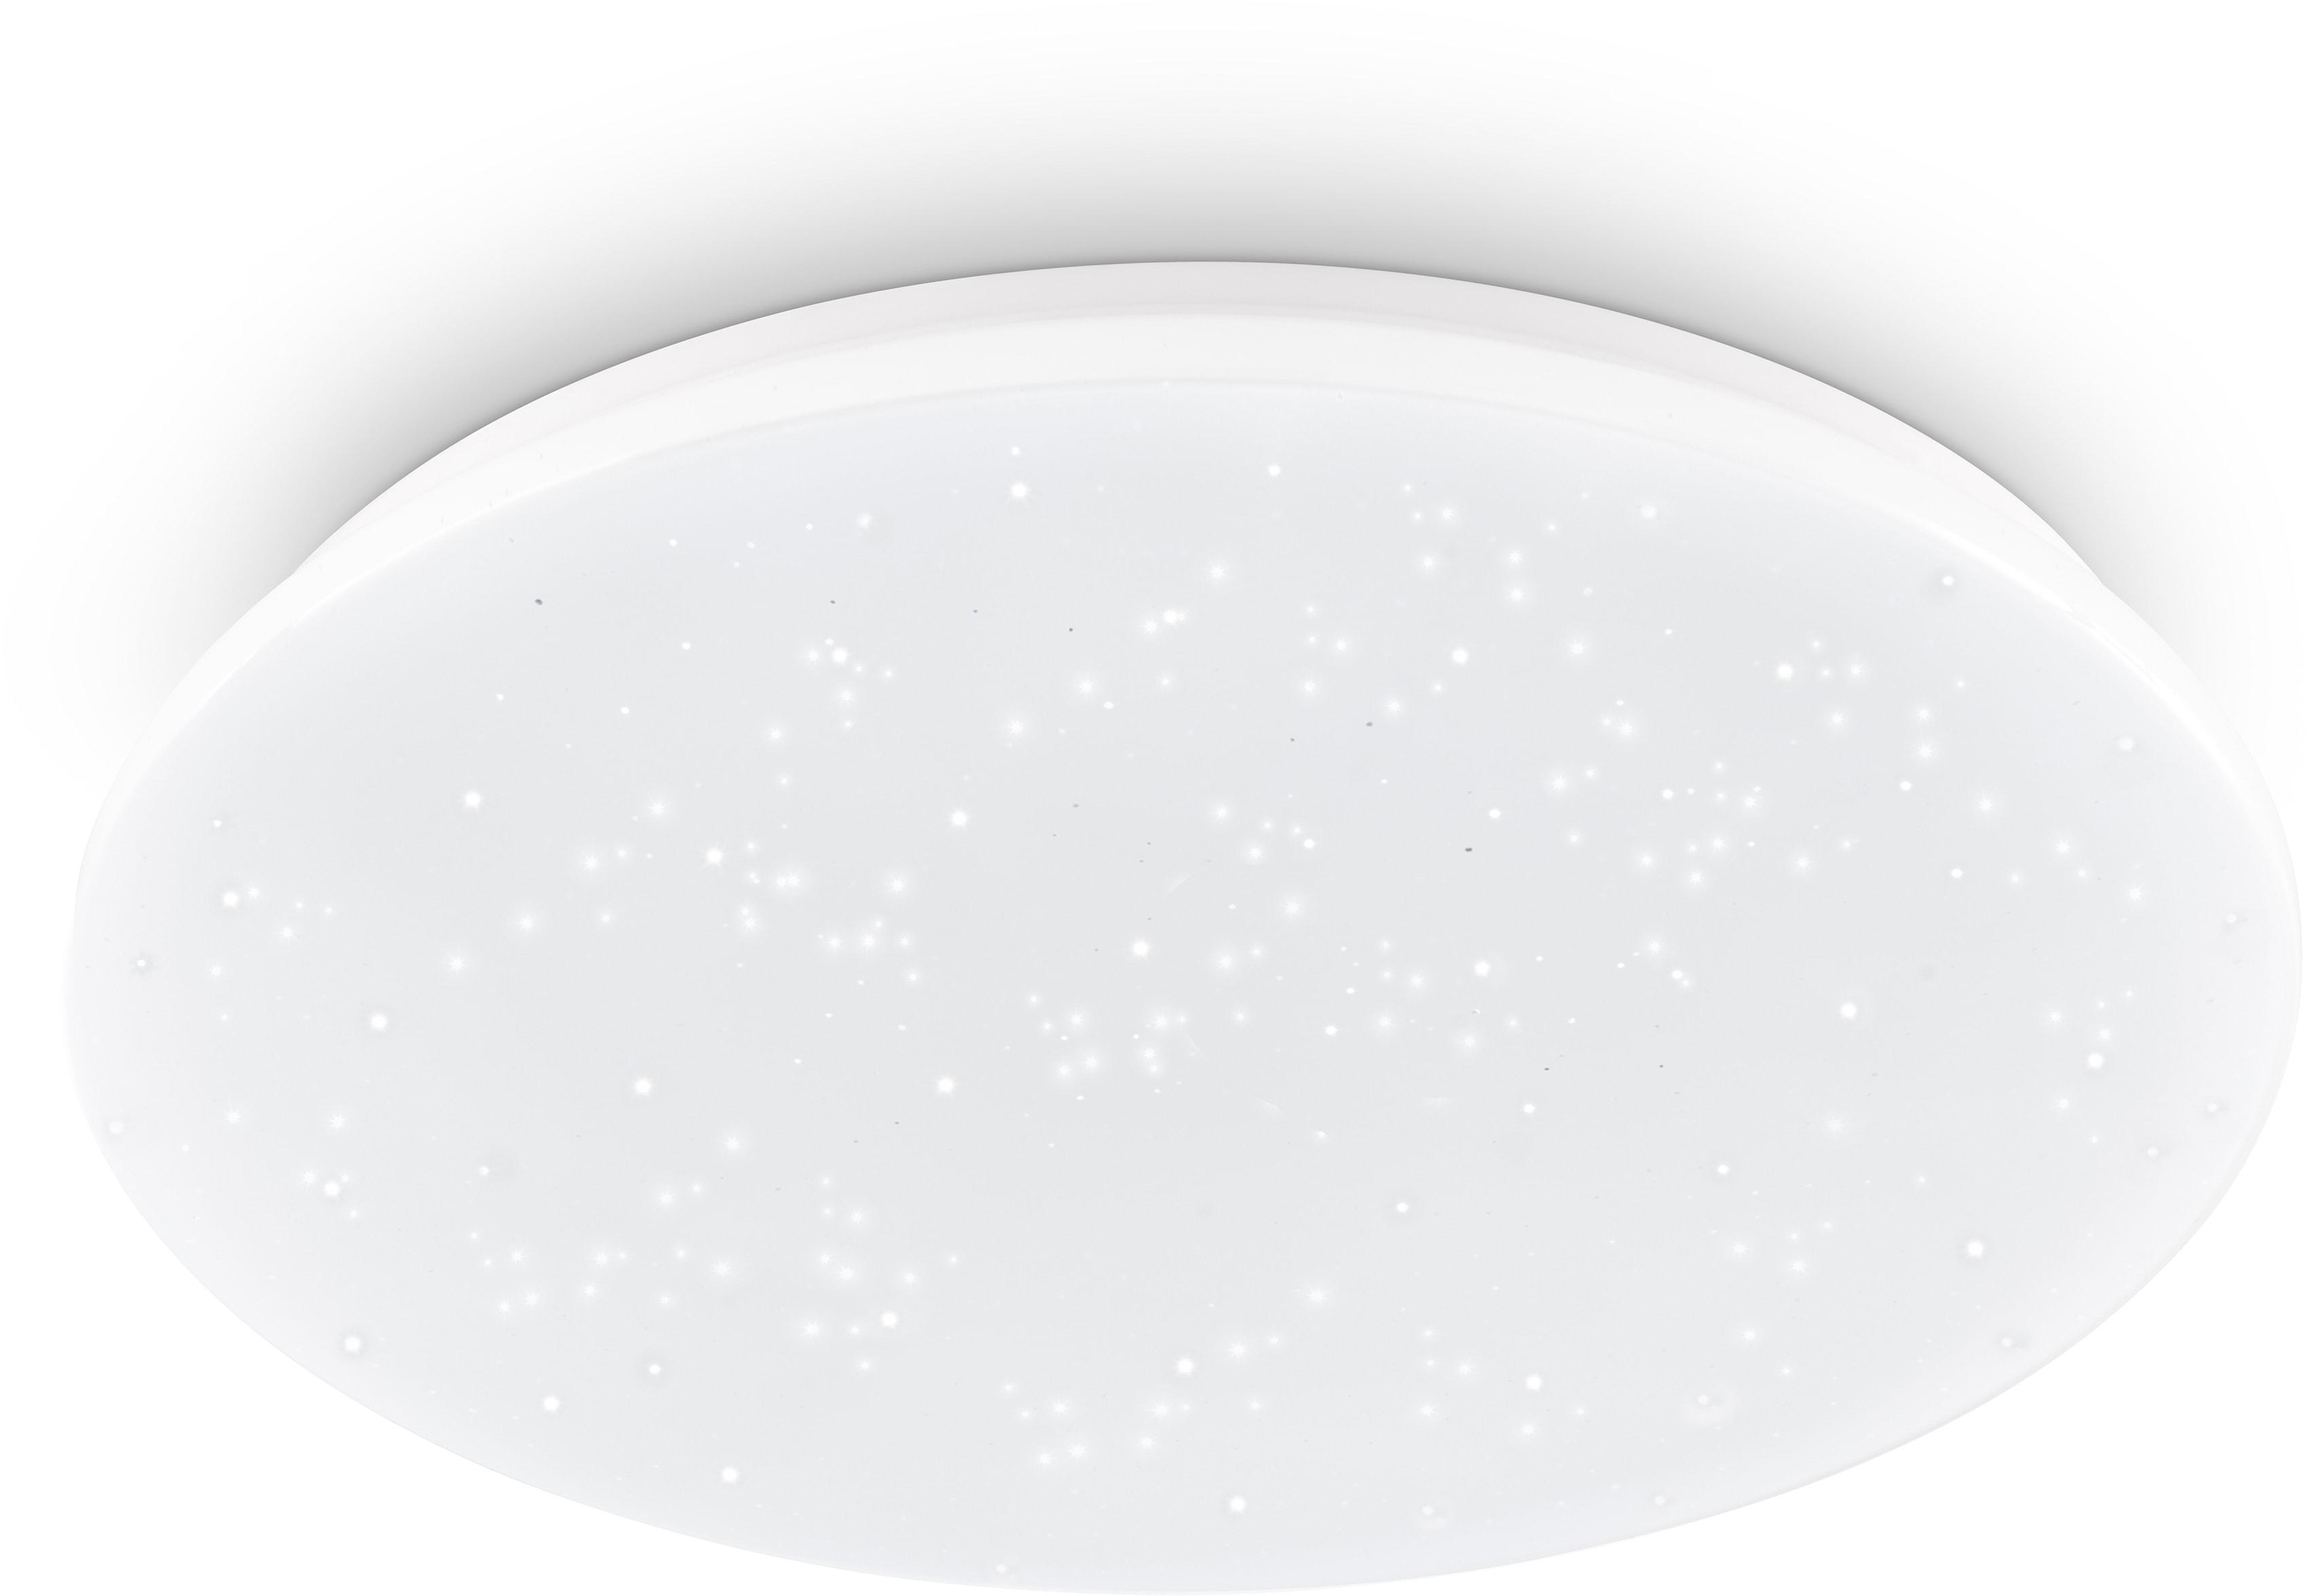 EGLO LED Deckenleuchte POGLIOLA-S, LED-Modul, 1 St., Neutralweiß, Sternenhimmel, Kristalleffekt, Modern, Deckenlampe Ø 50cm